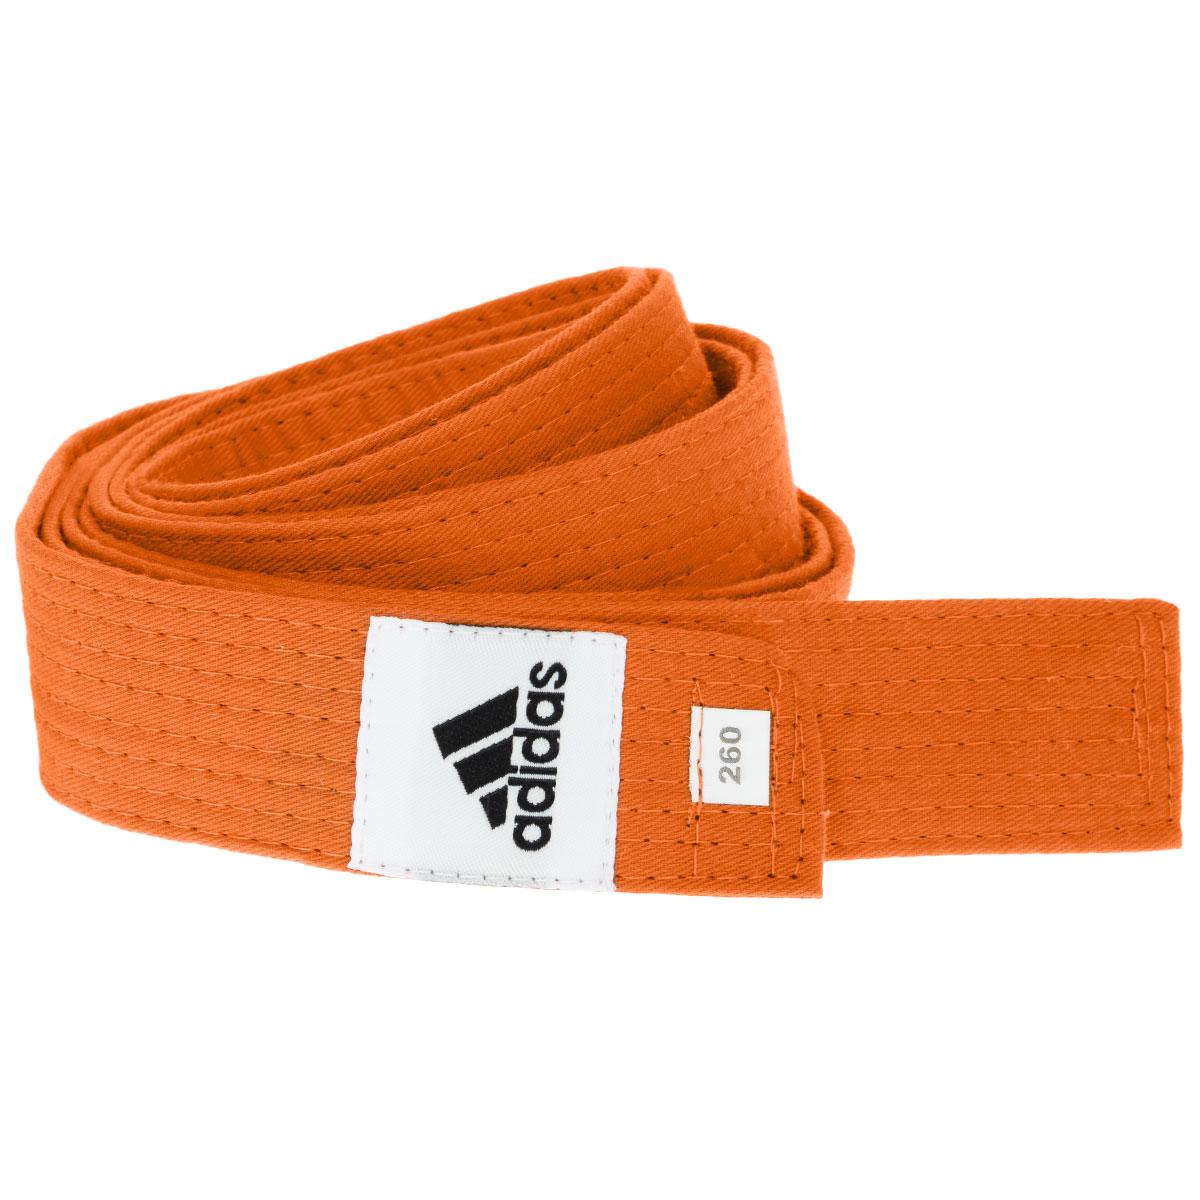 Пояс для единоборств adidas Club, цвет: оранжевый. adiB220. Длина 300 смadiB220Пояс для единоборств adidas Club - универсальный пояс для кимоно. Пояс выполнен из плотного хлопкового материала с прострочкой.Такой пояс - необходимый аксессуар для тех, кто занимается боевыми искусствами.